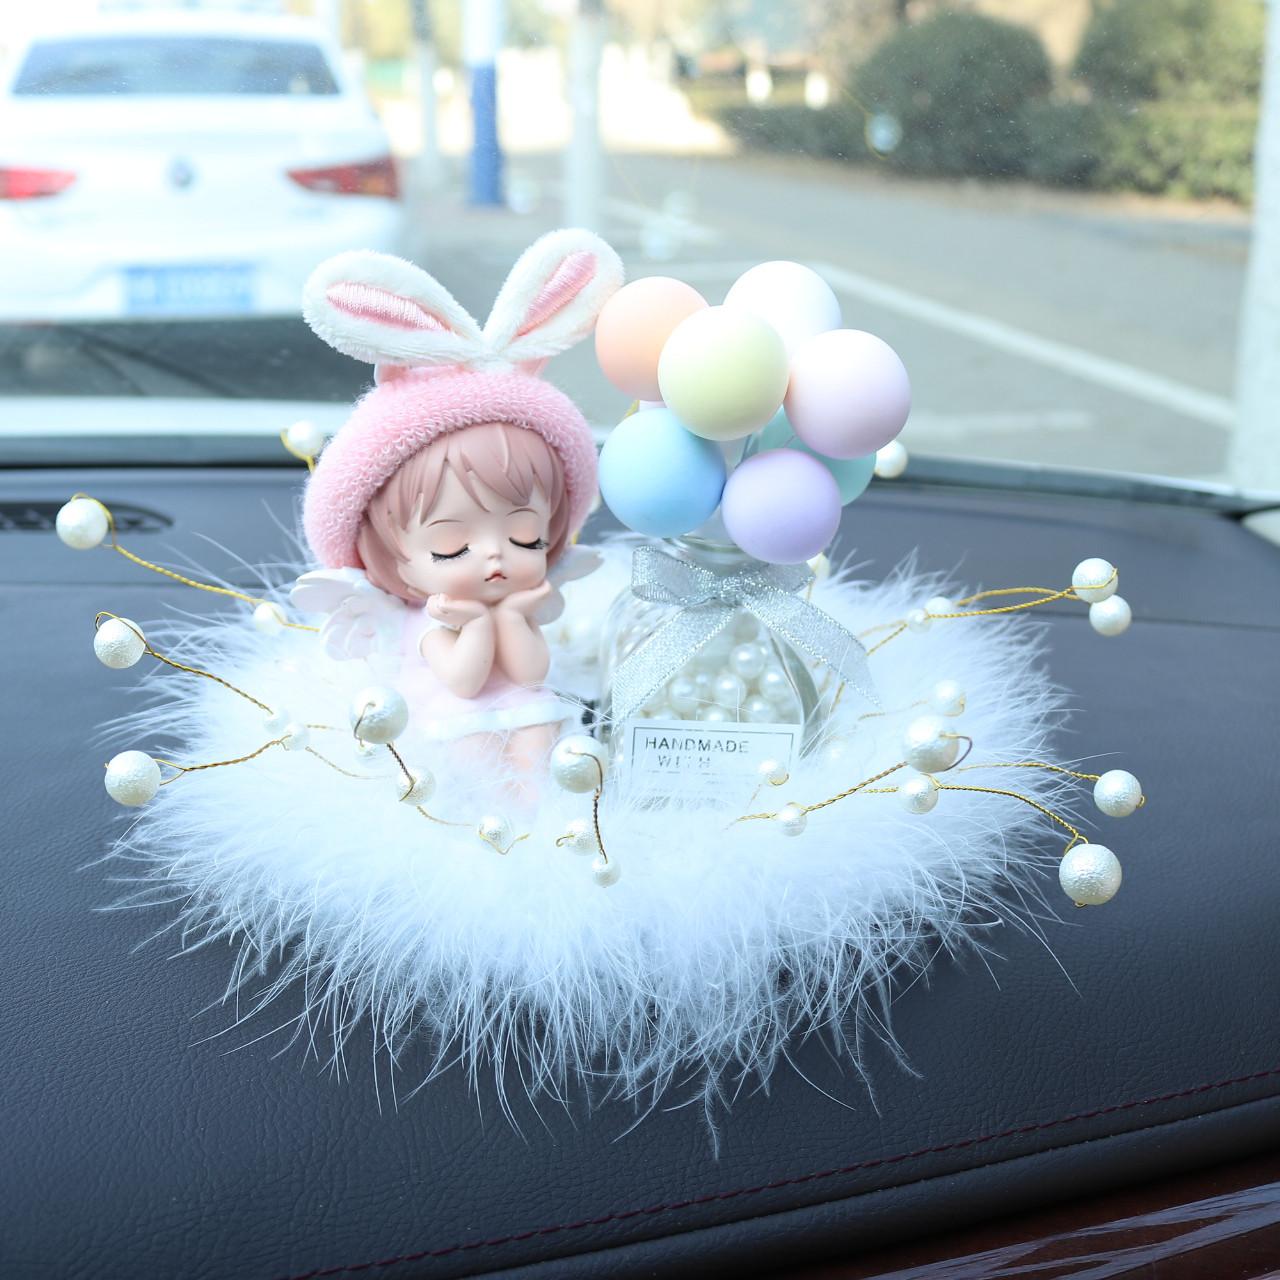 车载摆件创意可爱安妮汽车中控香水摆台高档女神车上装饰内饰网红